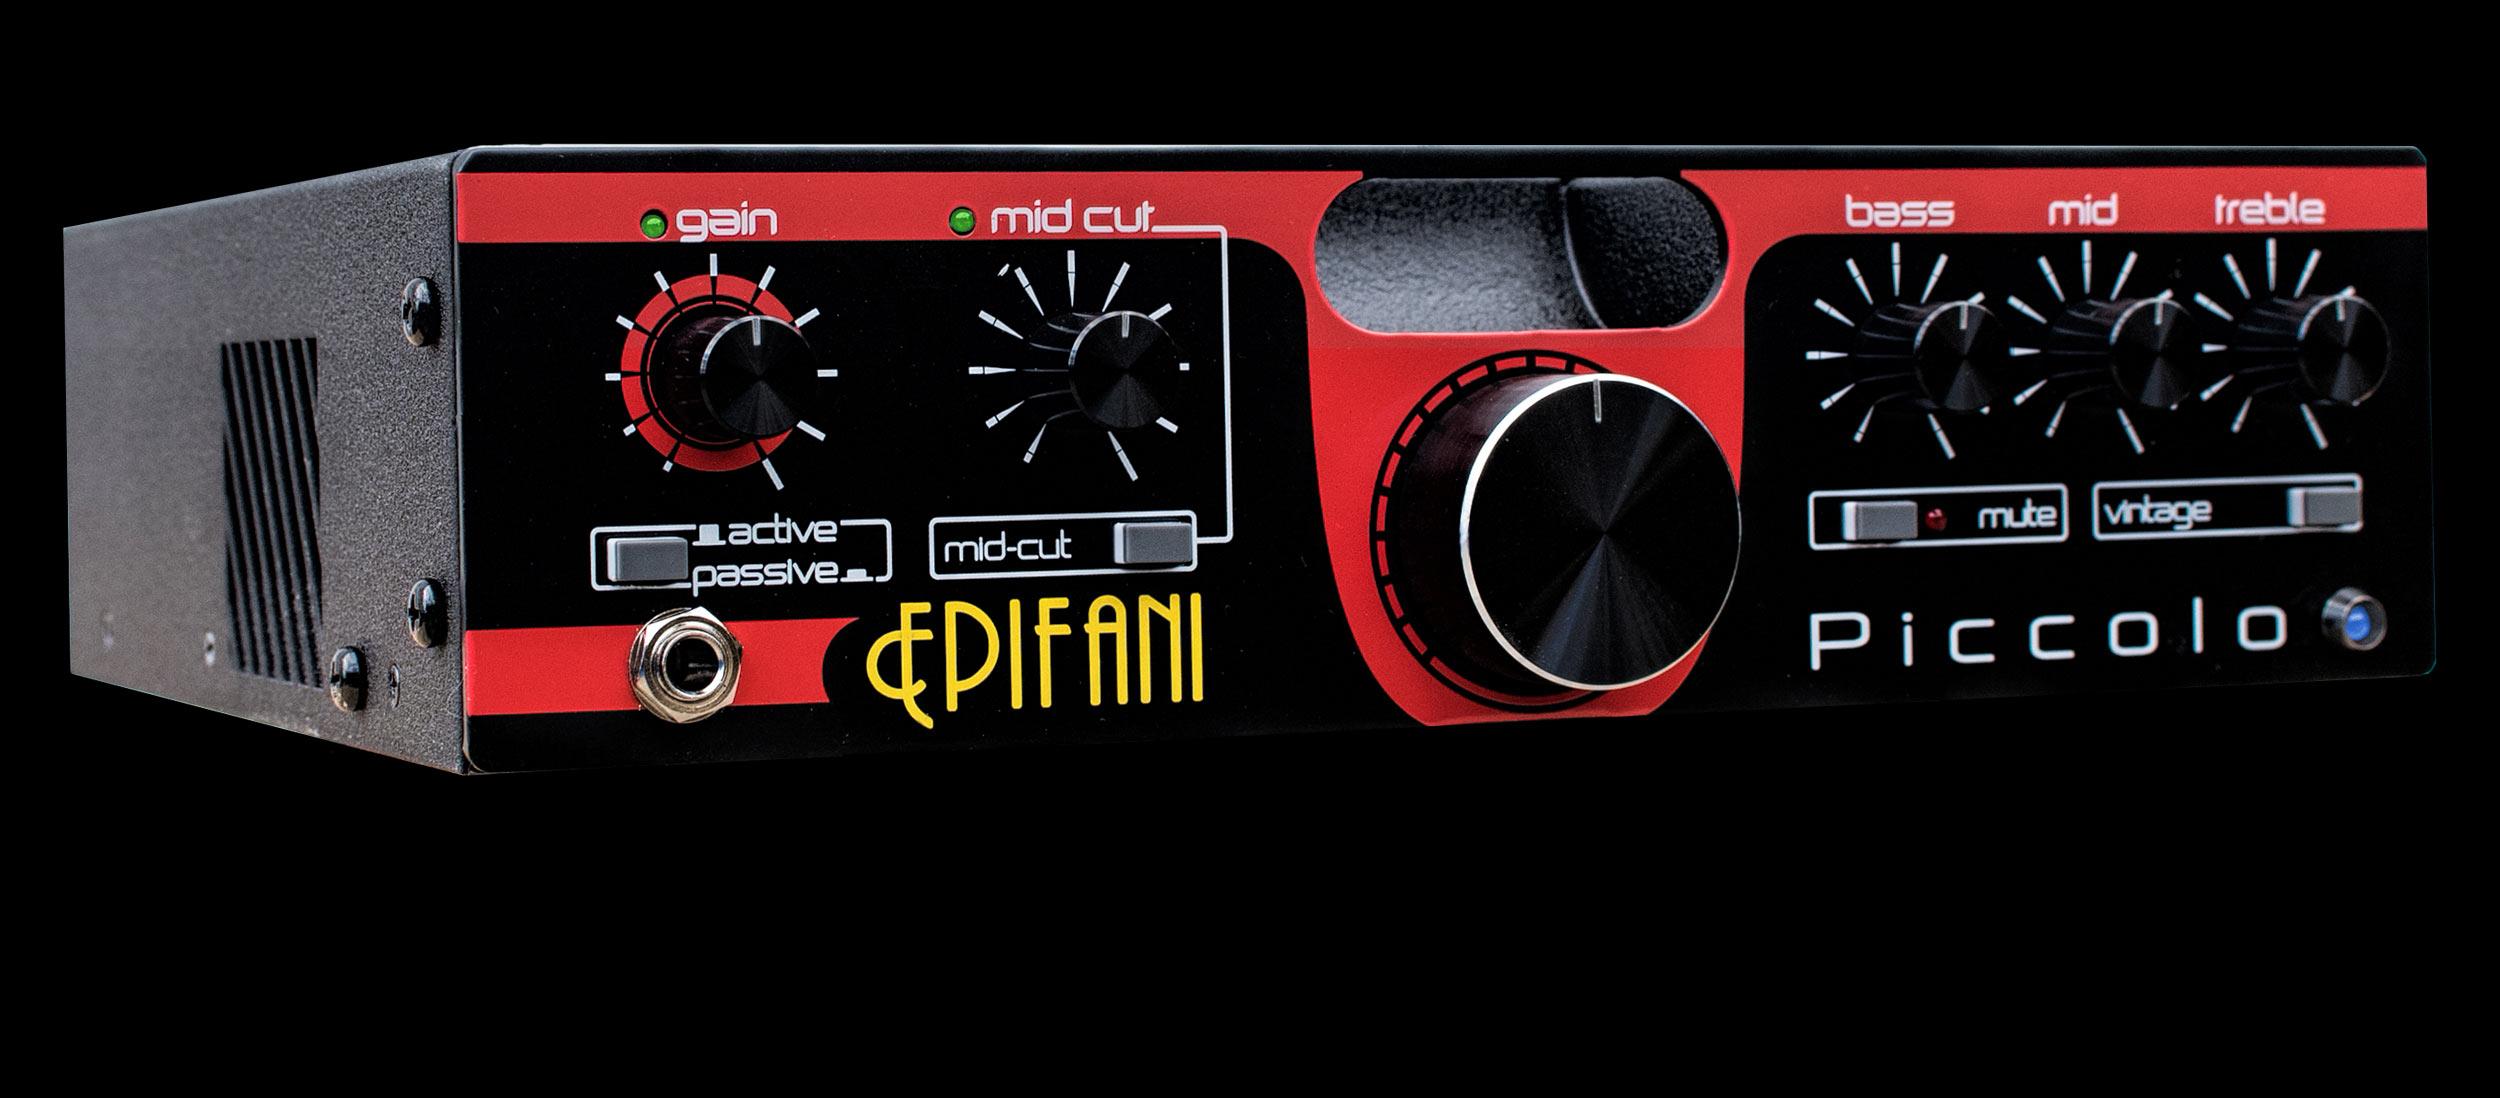 epifani-piccolo-bass-amp-left.jpg